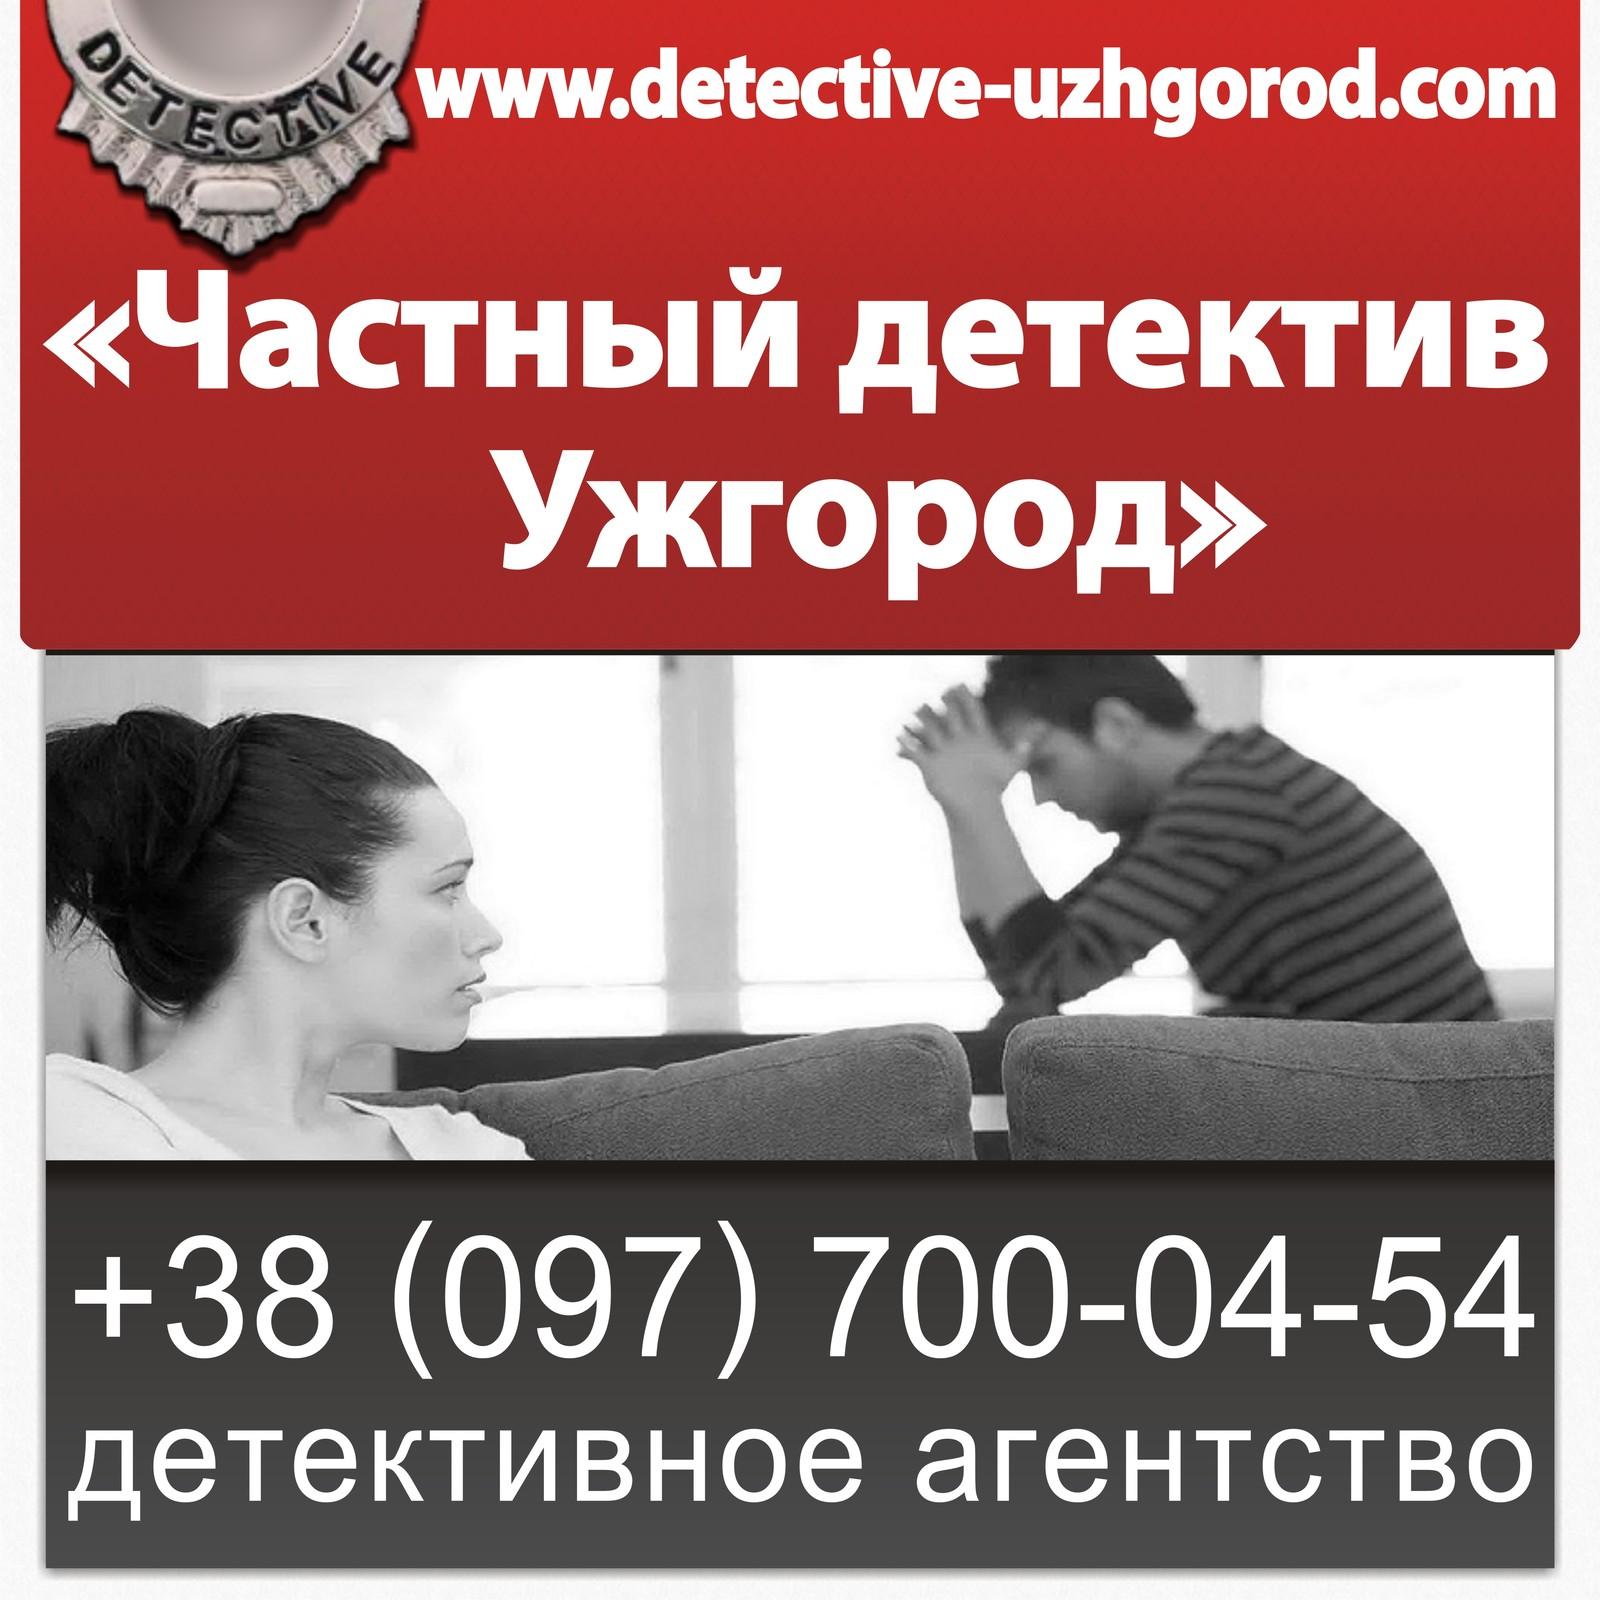 поиск жучков в Ужгороде